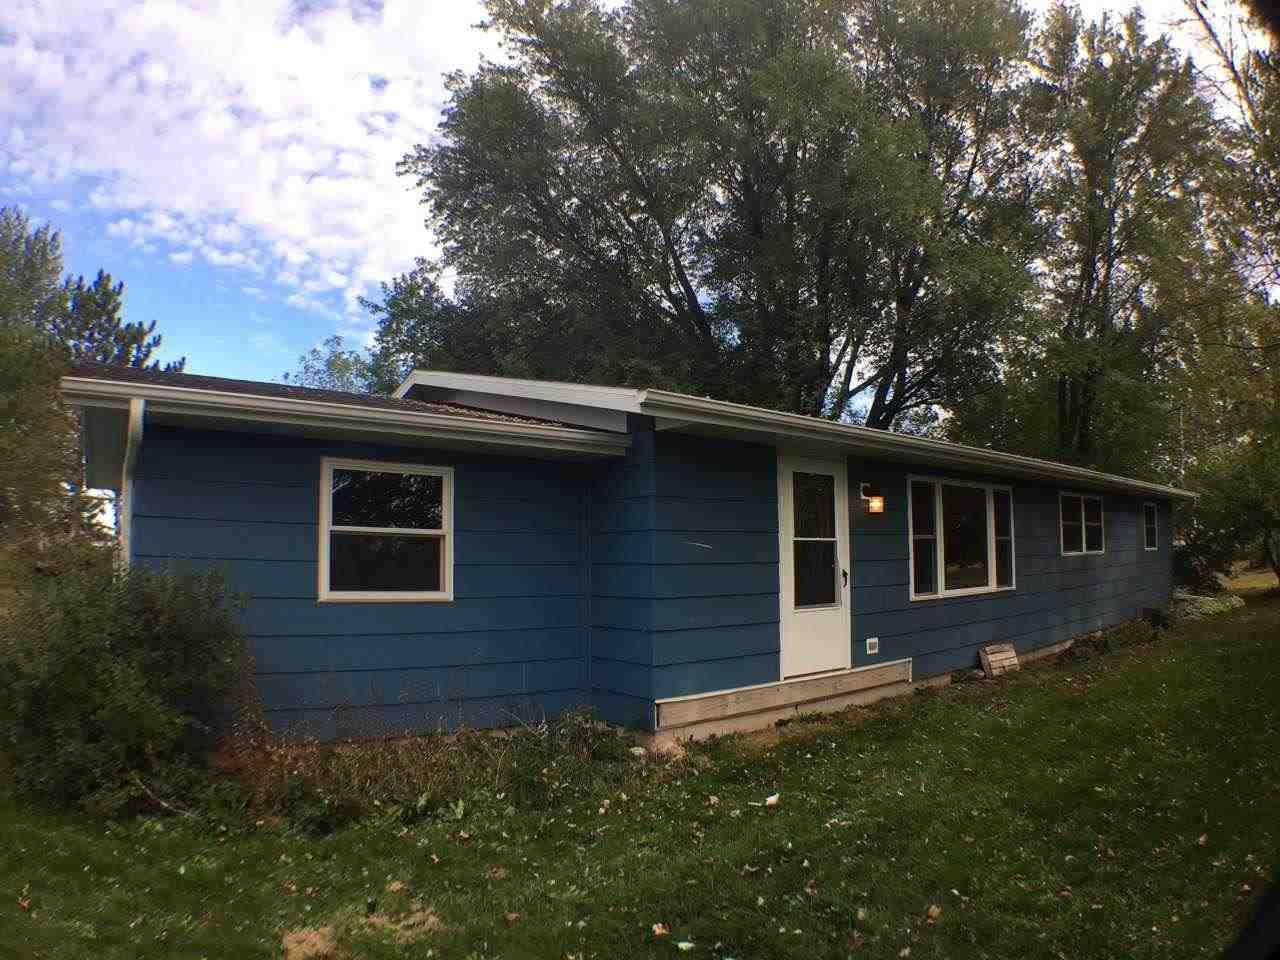 N5406 COUNTY ROAD K,Granton,Wisconsin 54436,3 Bedrooms Bedrooms,1 BathroomBathrooms,Residential,N5406 COUNTY ROAD K,1706587